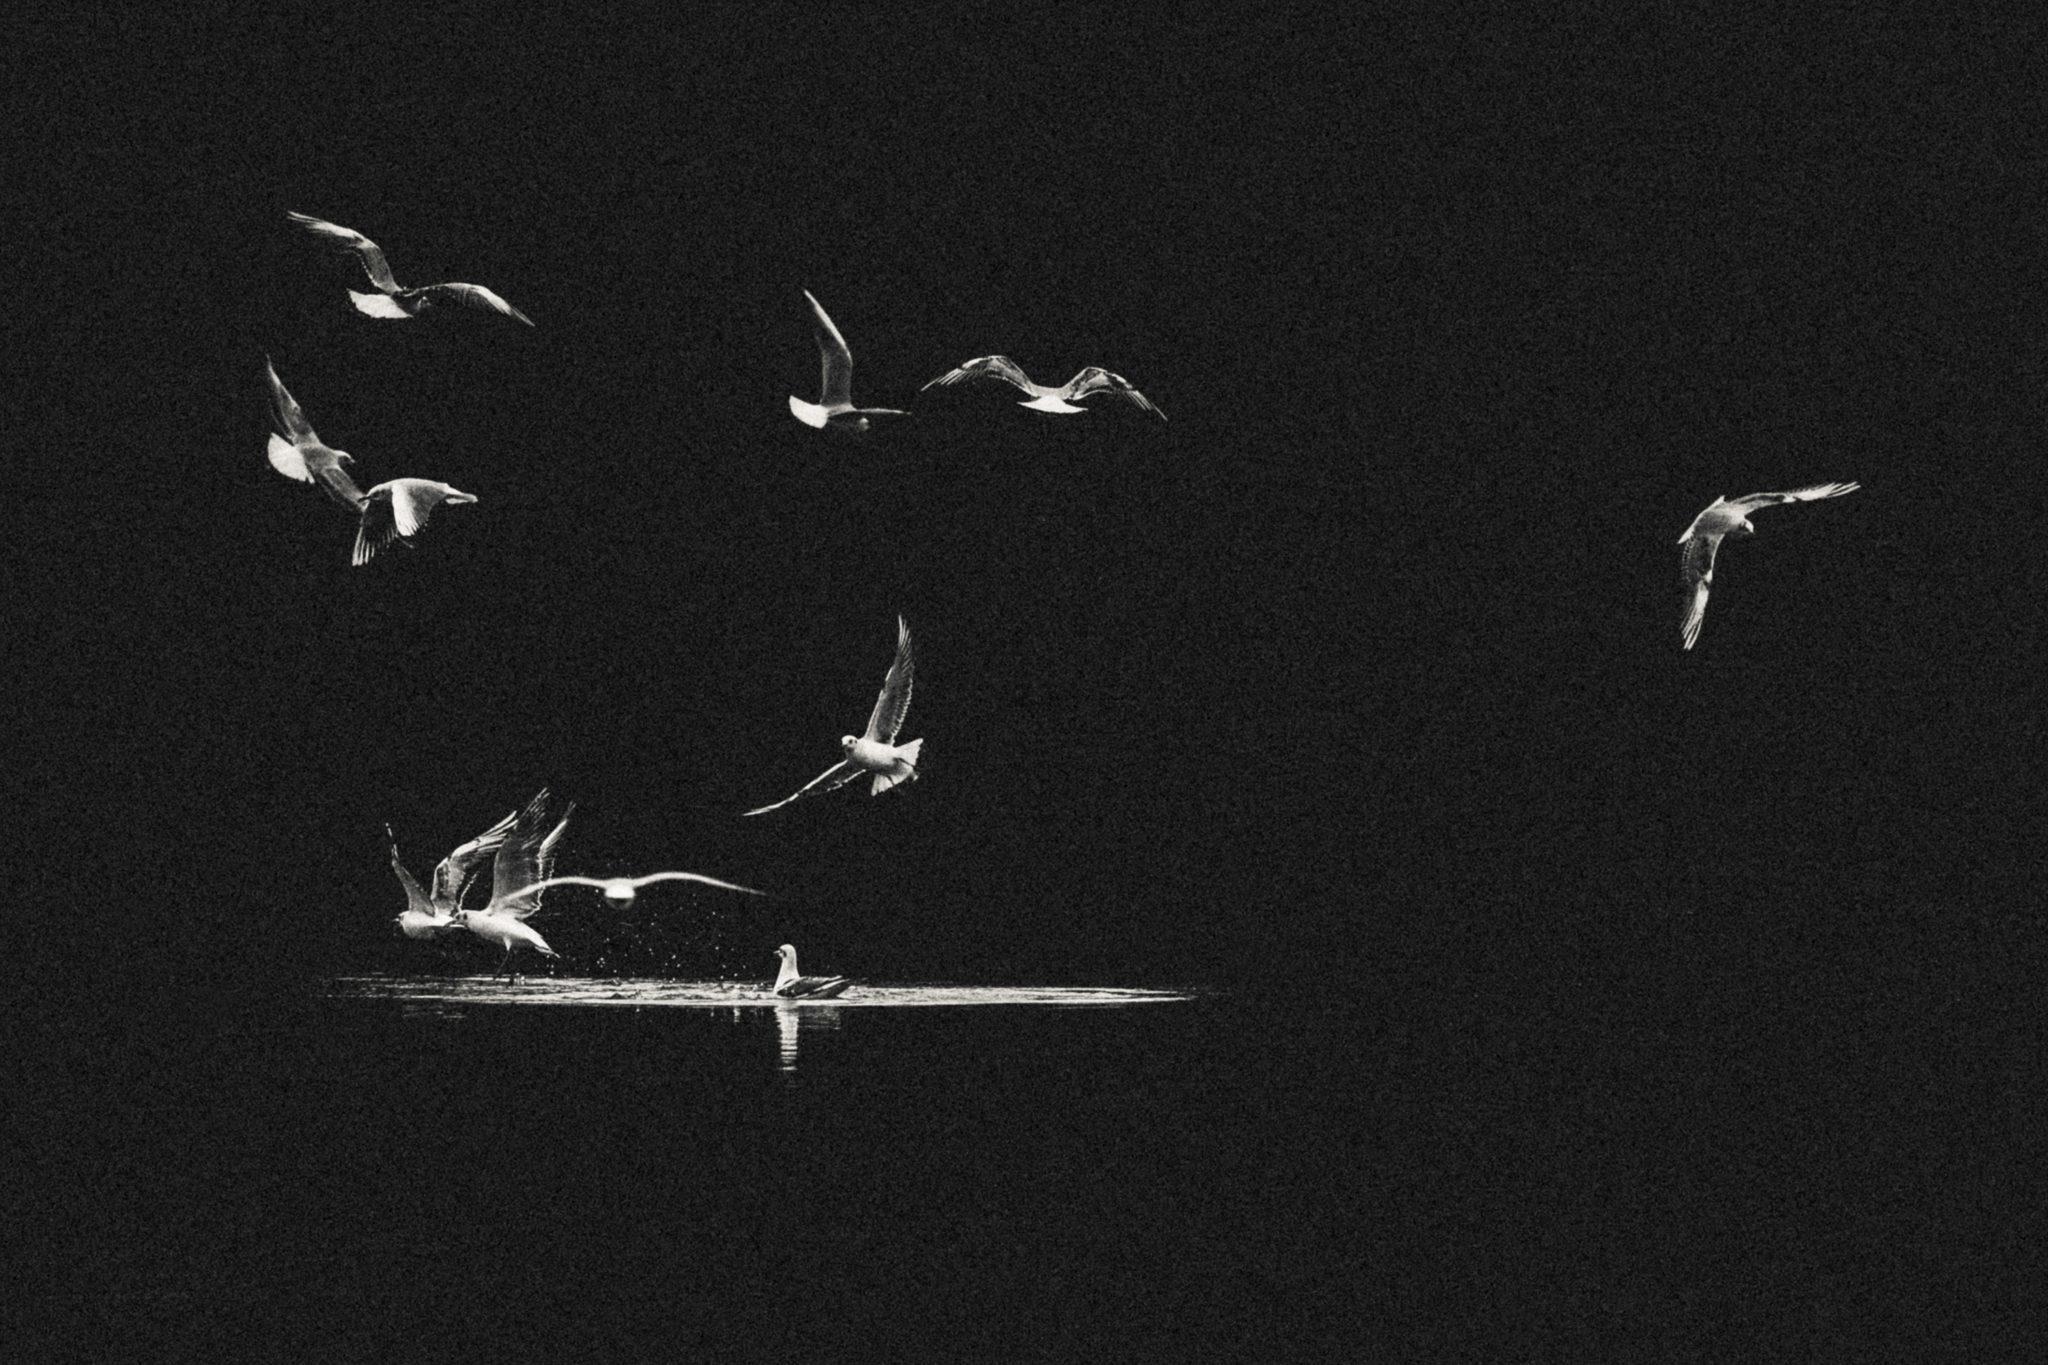 Carrousel - Emmanuel Tardy